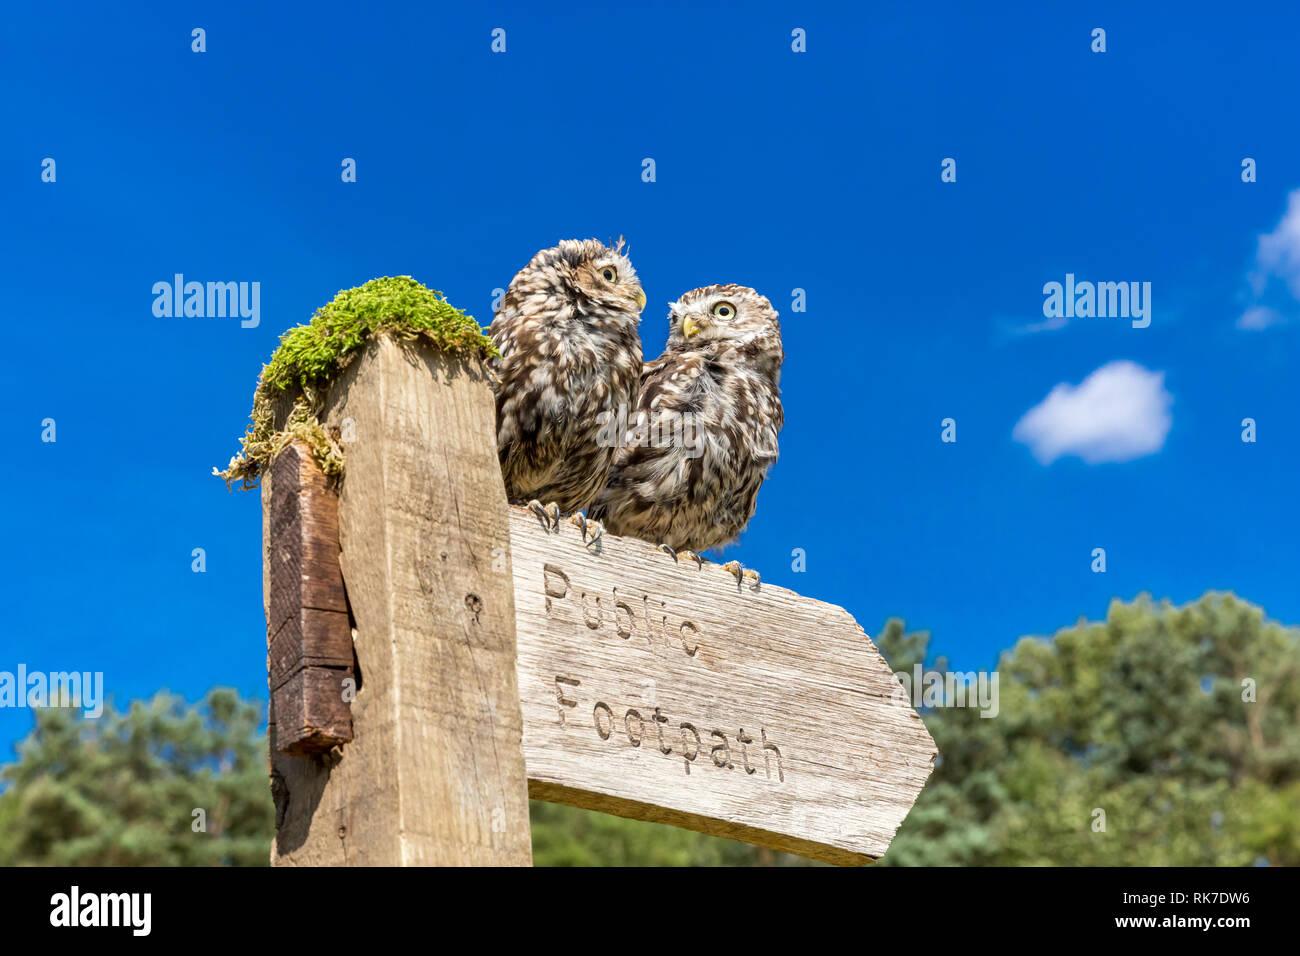 Zwei kleine Eulen in natürlichen Landschaft, thront auf einem öffentlichen Fußweg Wegweiser, der nach rechts weist. Strahlend blauen Himmel. Landschaft Stockbild